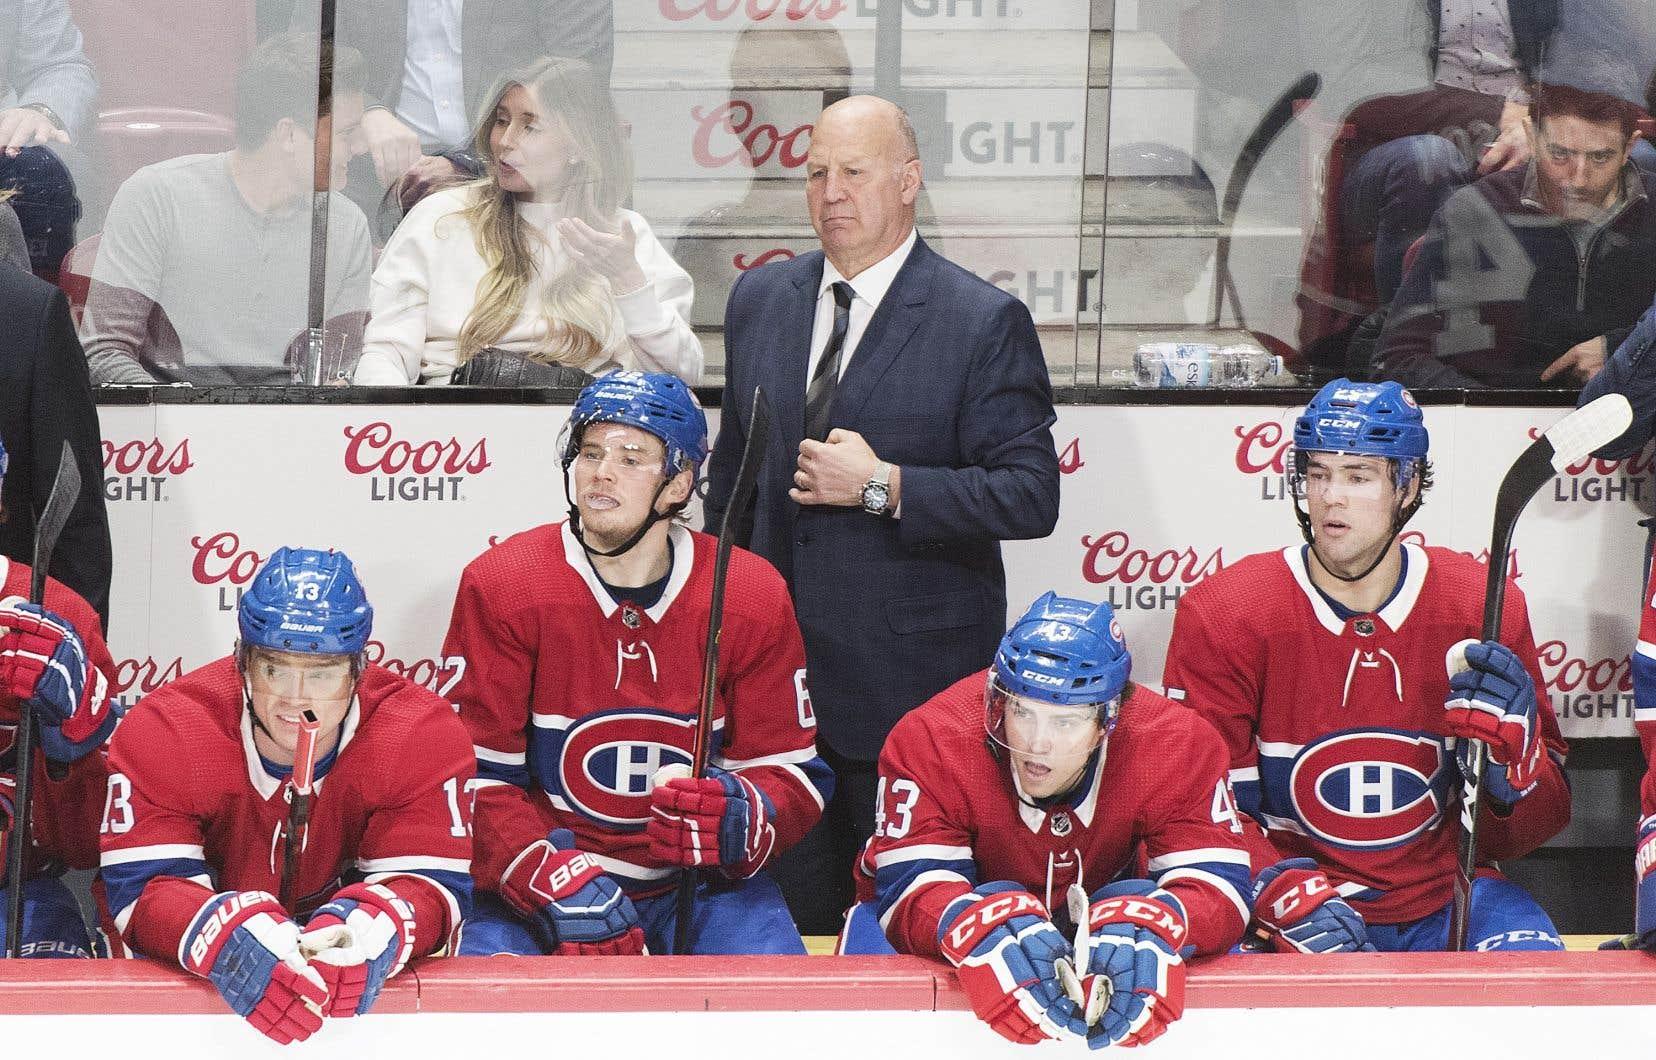 Dans le cadre de la série qualificative de relance de la saison, le Canadien croisera le fer avec les Penguins de Pittsburgh.